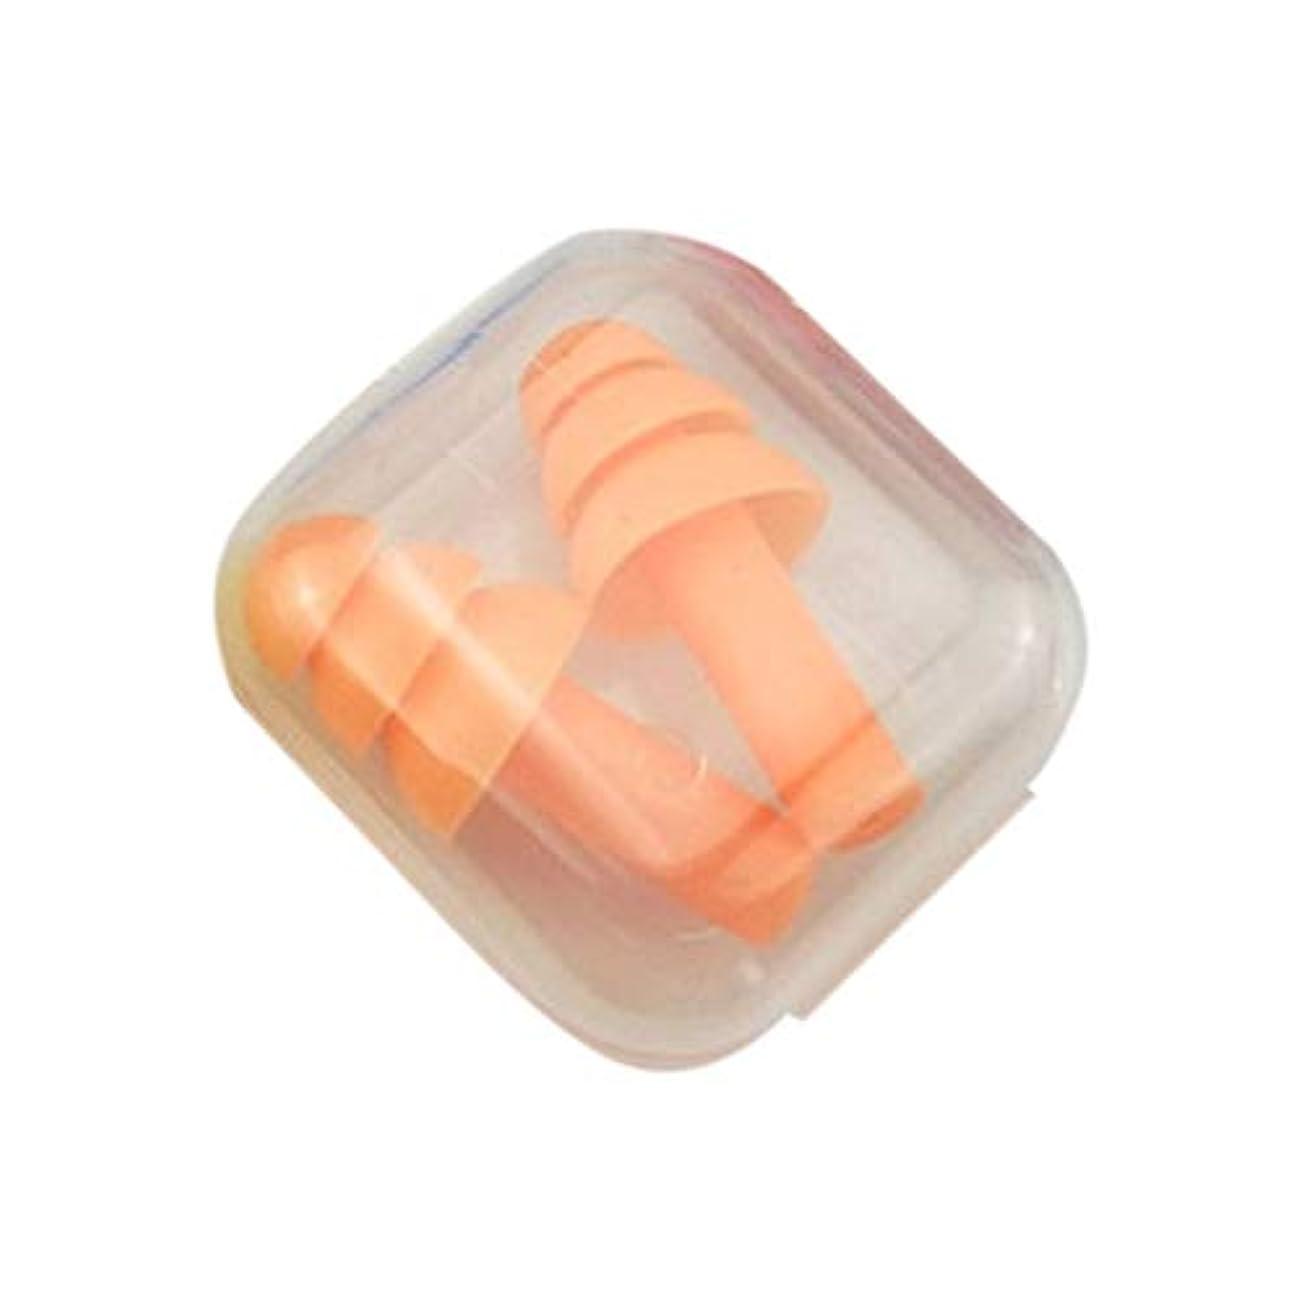 暗くするなんでも宣教師柔らかいシリコーンの耳栓遮音用耳の保護用の耳栓防音睡眠ボックス付き収納ボックス - オレンジ